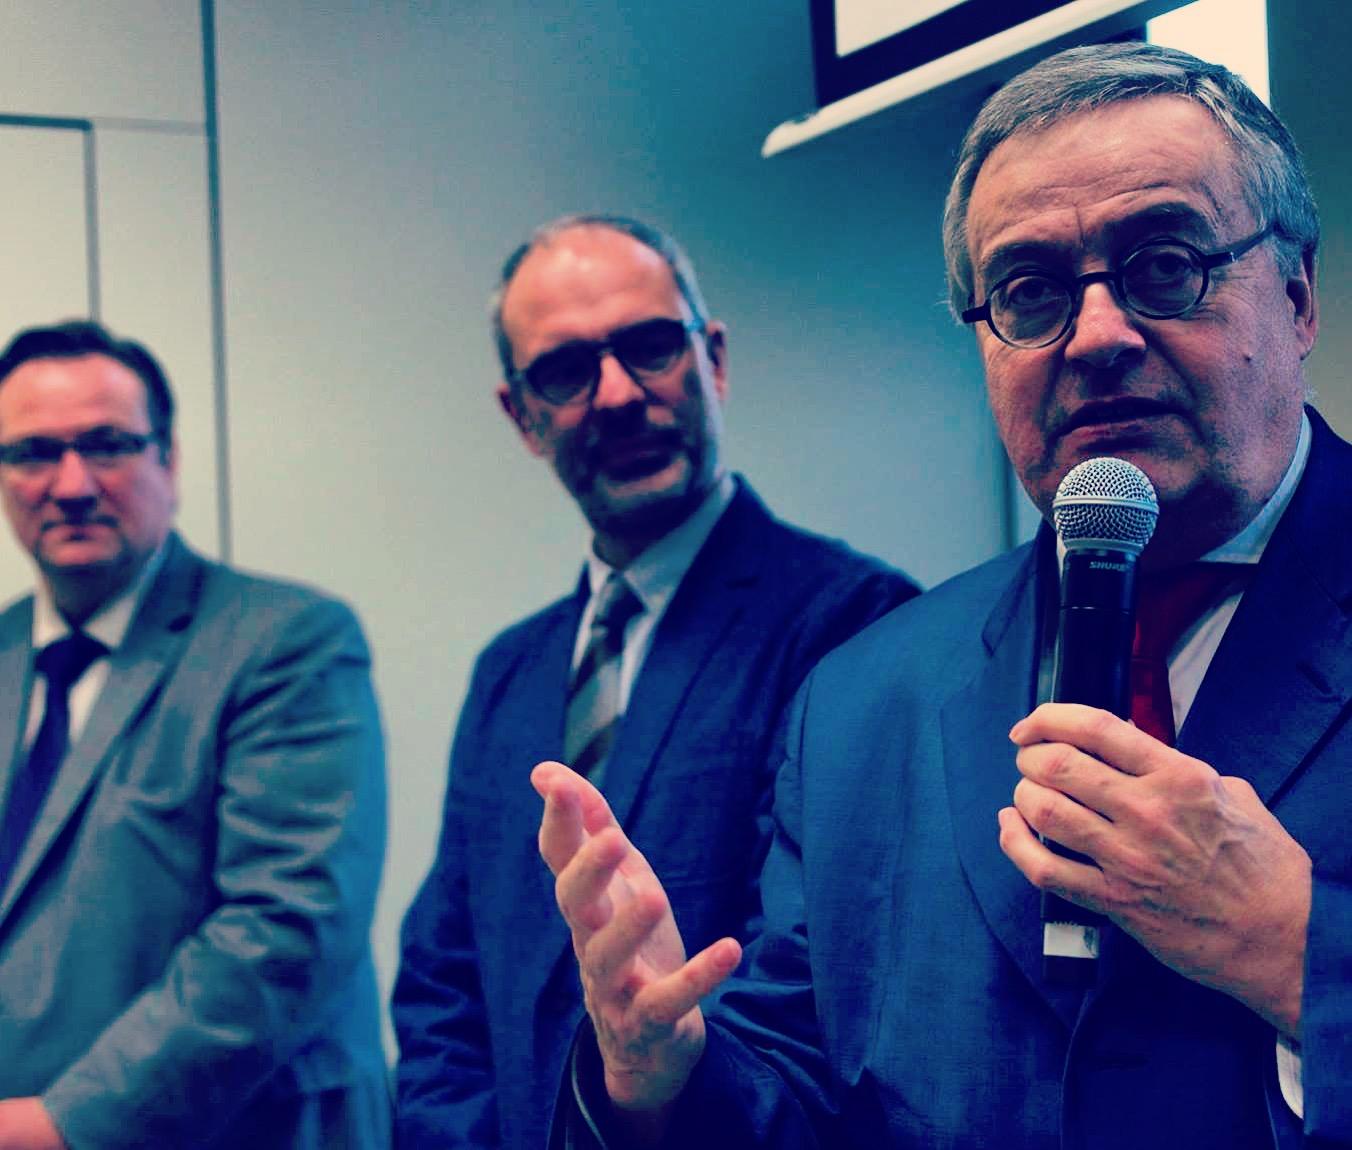 Est Ensemble : décloisonner l'approche des projets urbains et économiques (Gérard Cosme, Stéphane de Paoli, Gaylord le Chequer,Nathalie Berlu, Ali Zahi, Martine Legrand..) – 13 décembre 2017